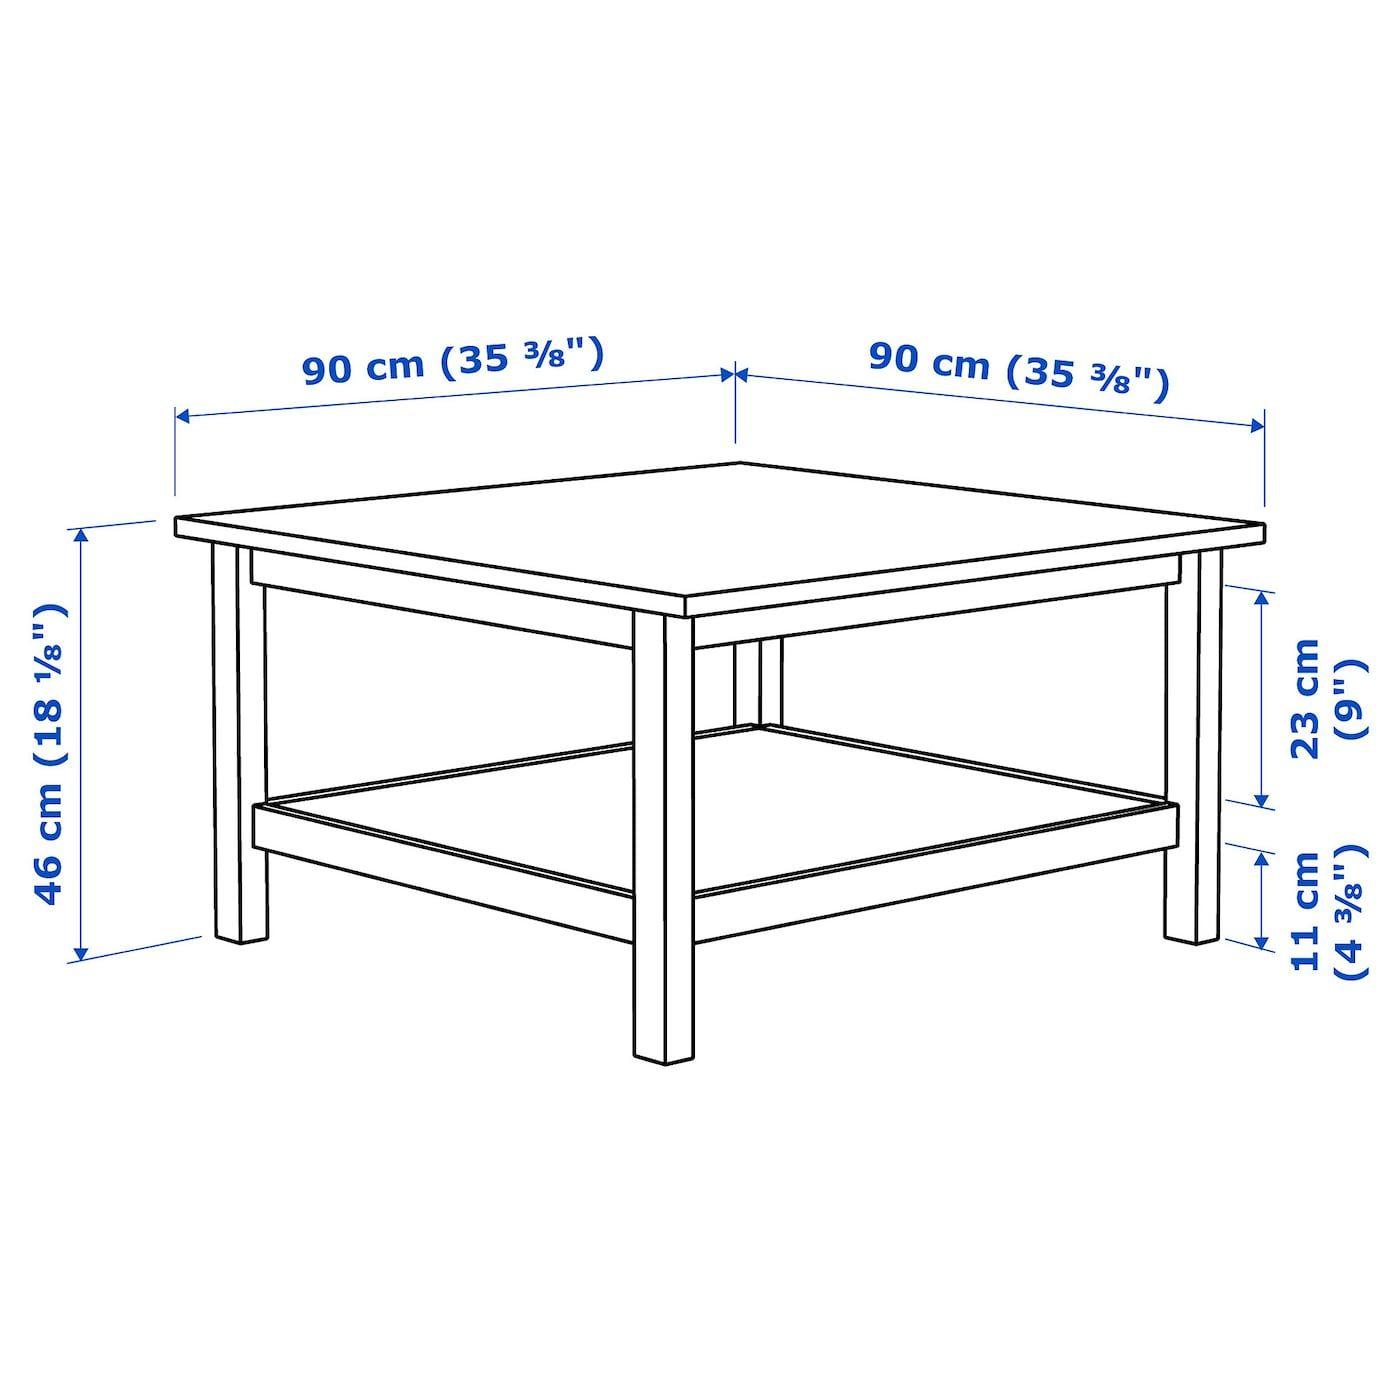 Hemnes Table Basse Brun Clair 90x90 Cm Materiau Durable Ikea Ikea Hemnes Coffee Table Coffee Table White Hemnes [ 1400 x 1400 Pixel ]